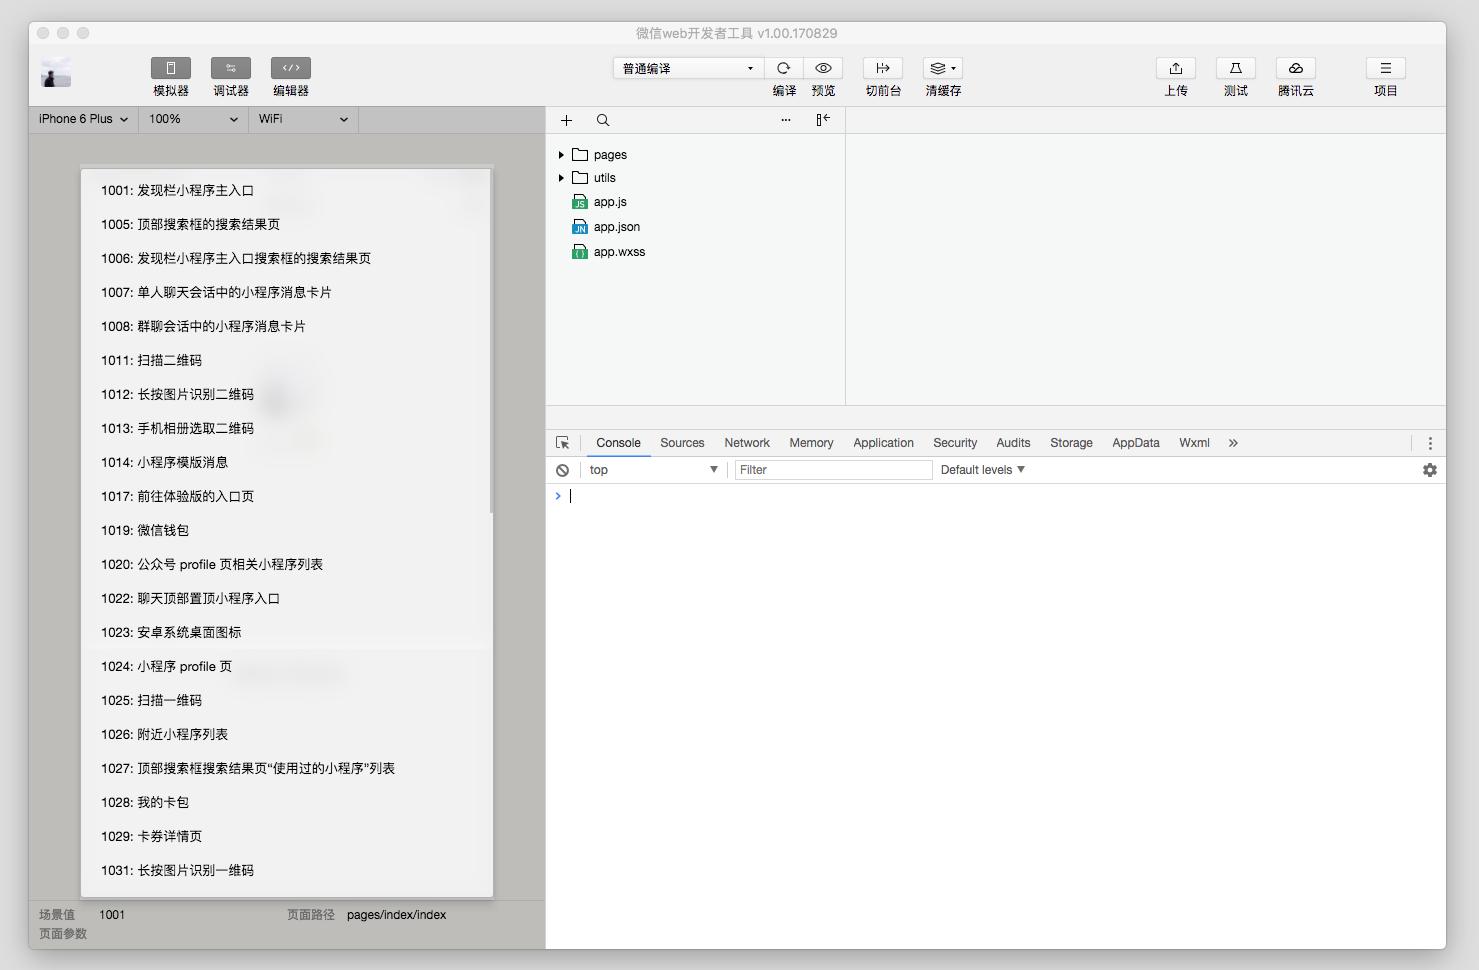 微信小游戏开发文档工具栏编译和预览